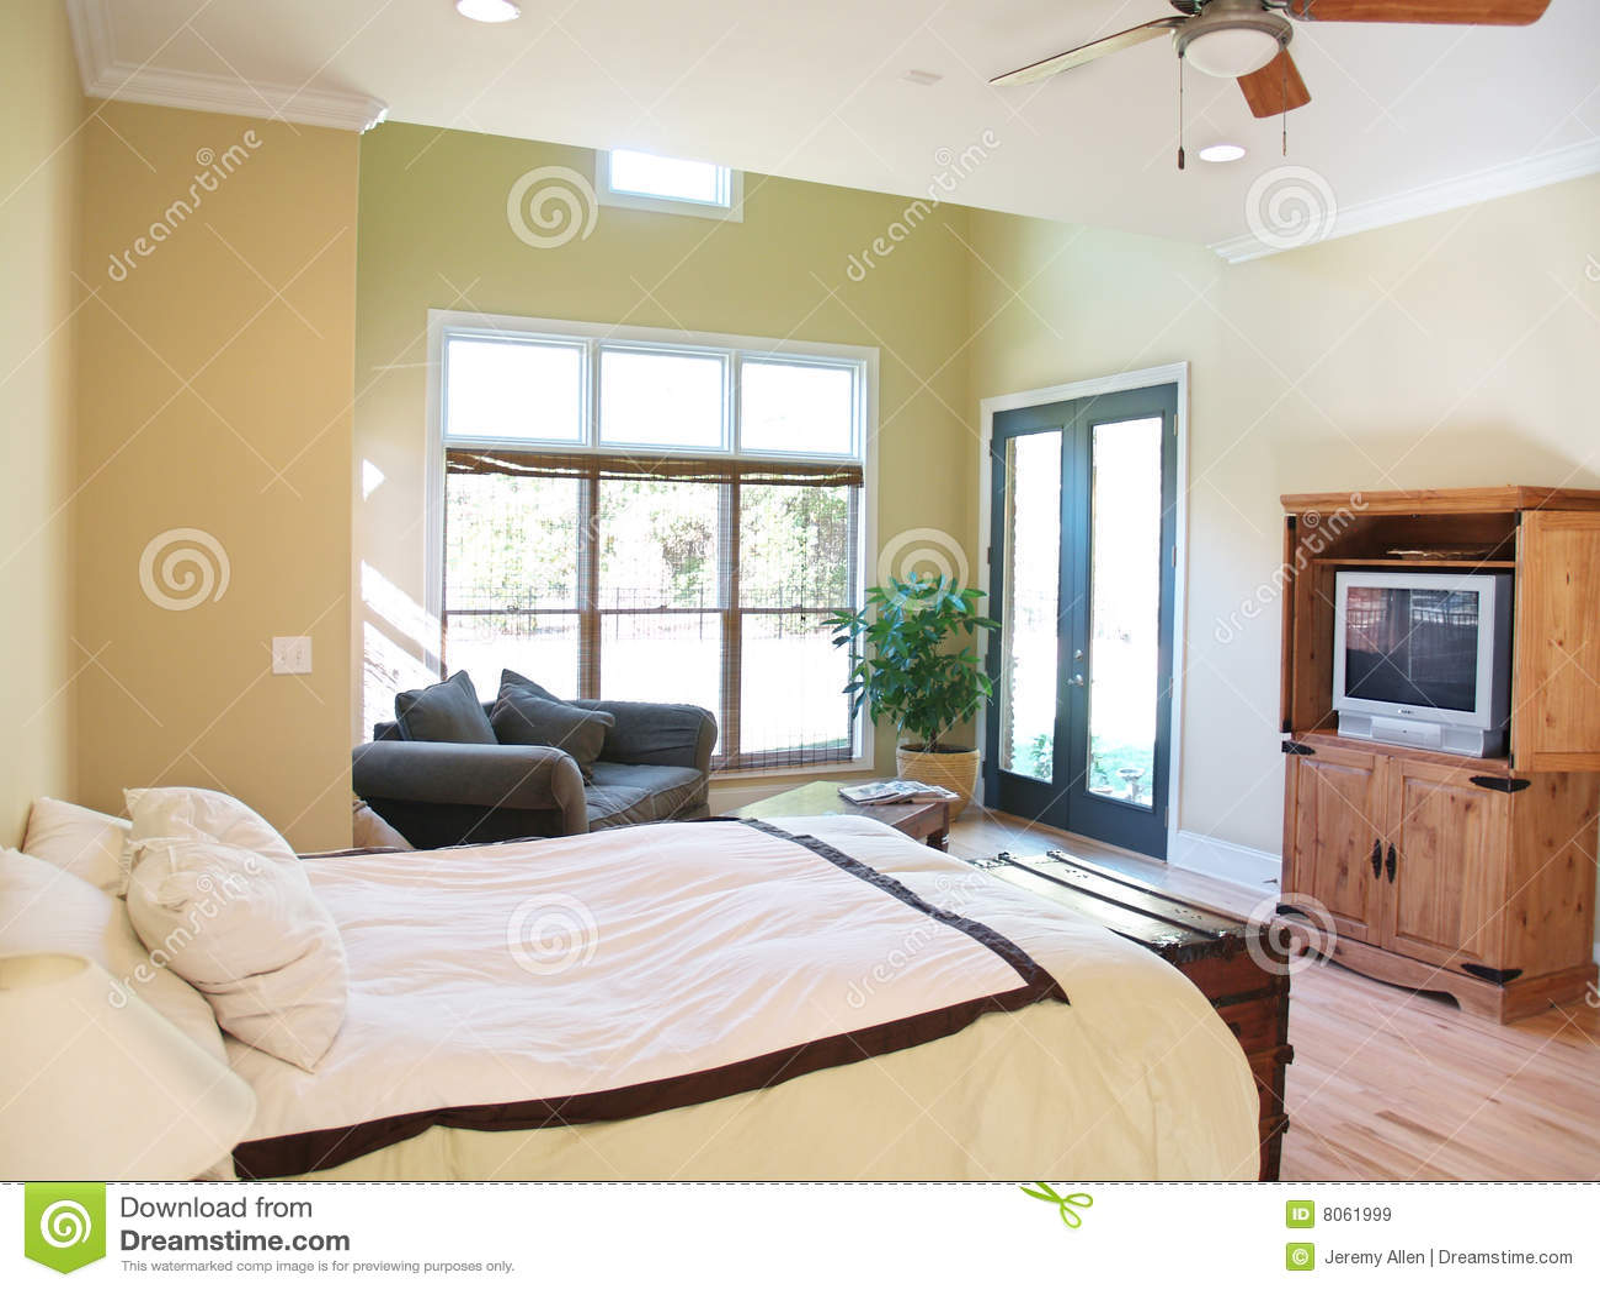 Camera da letto rustica luminosa immagine stock immagine di francese specializzato 8061999 - Camera da letto rustica moderna ...